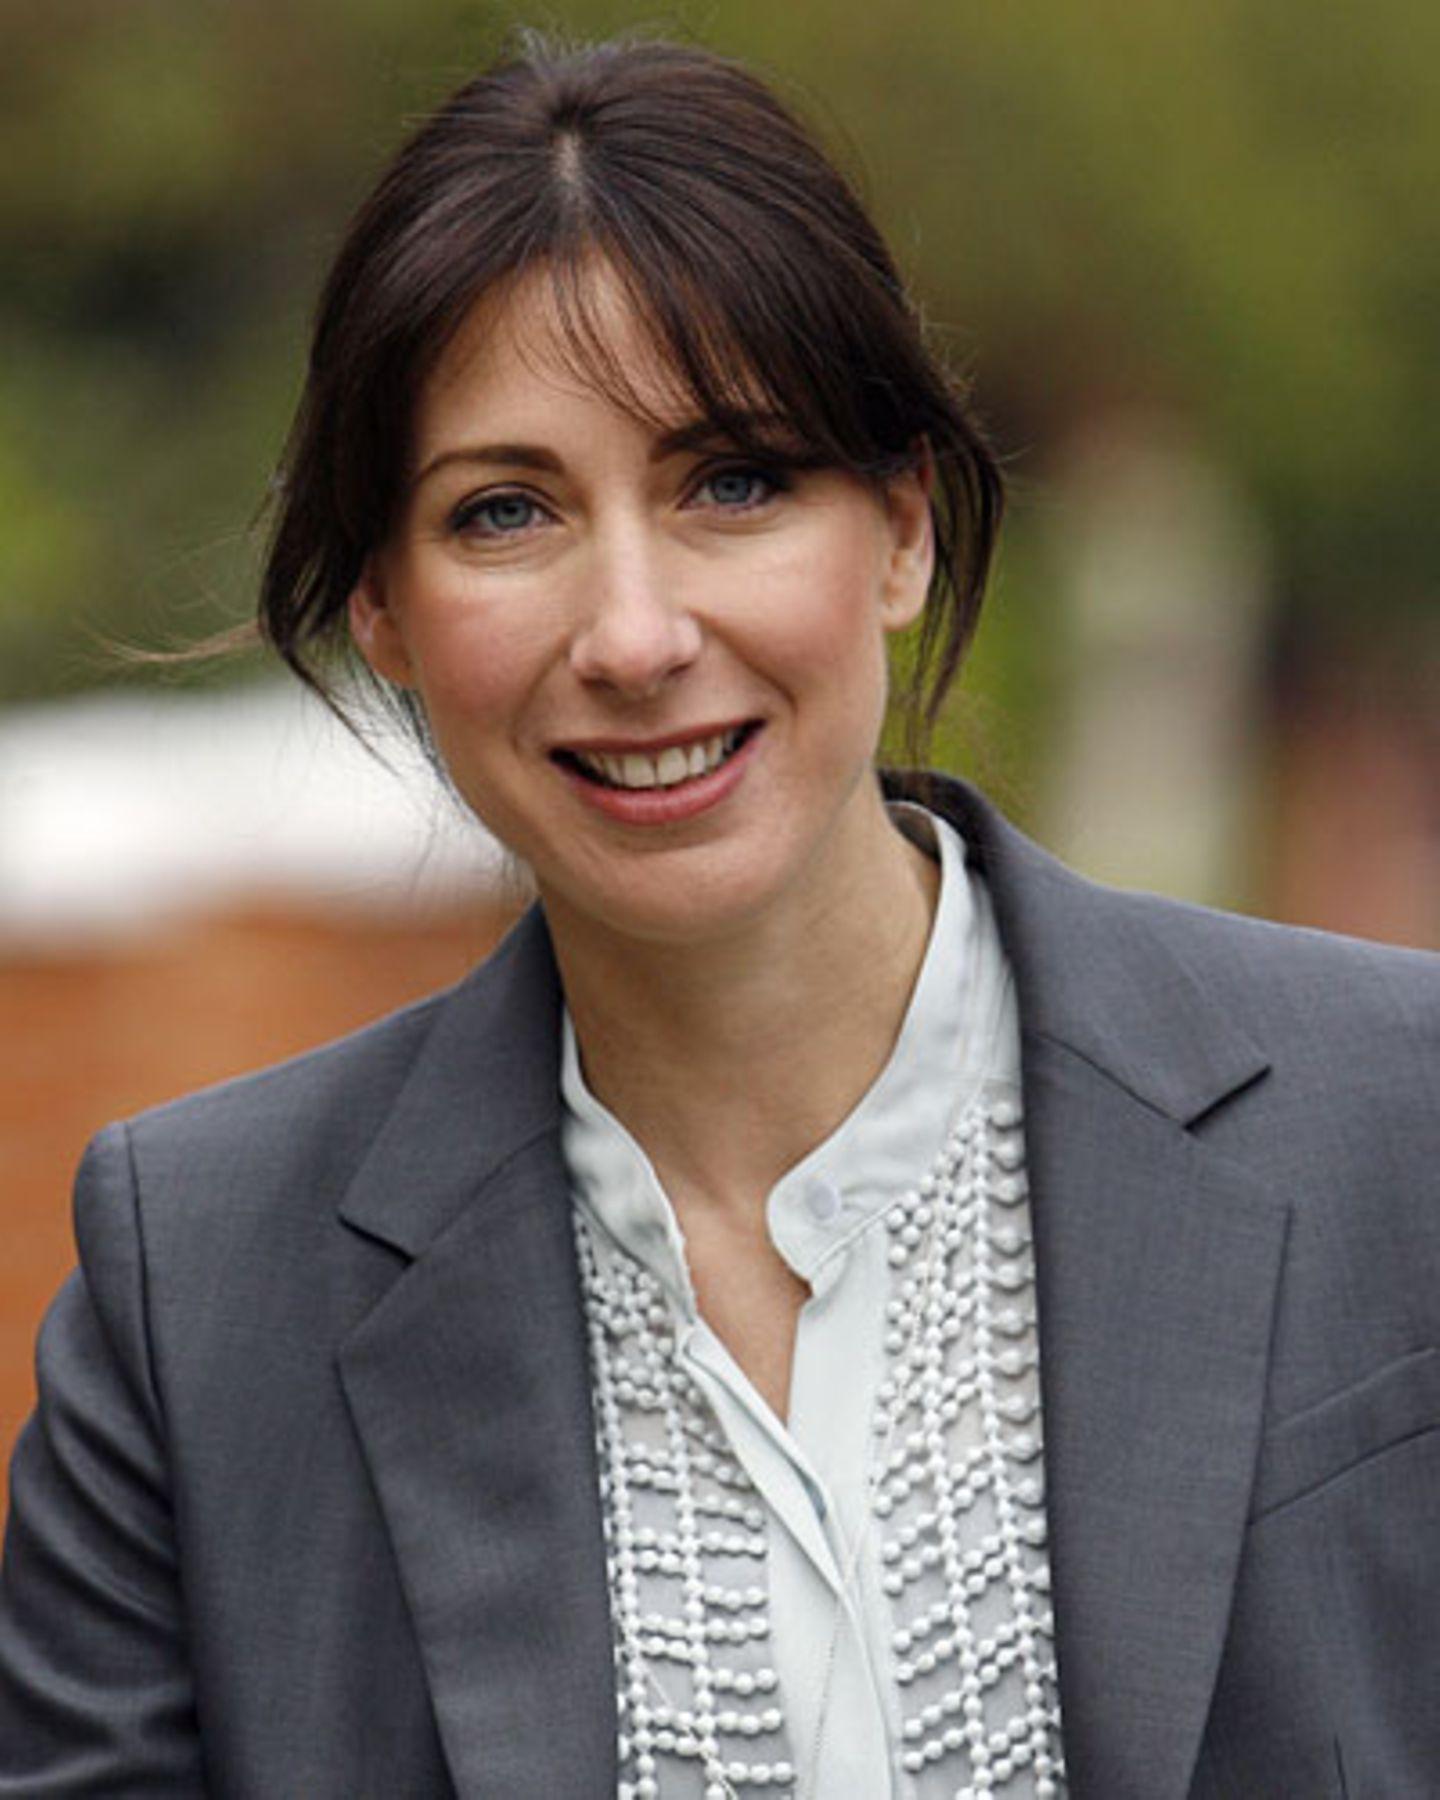 Großbritanniens First Lady: Samantha Cameron